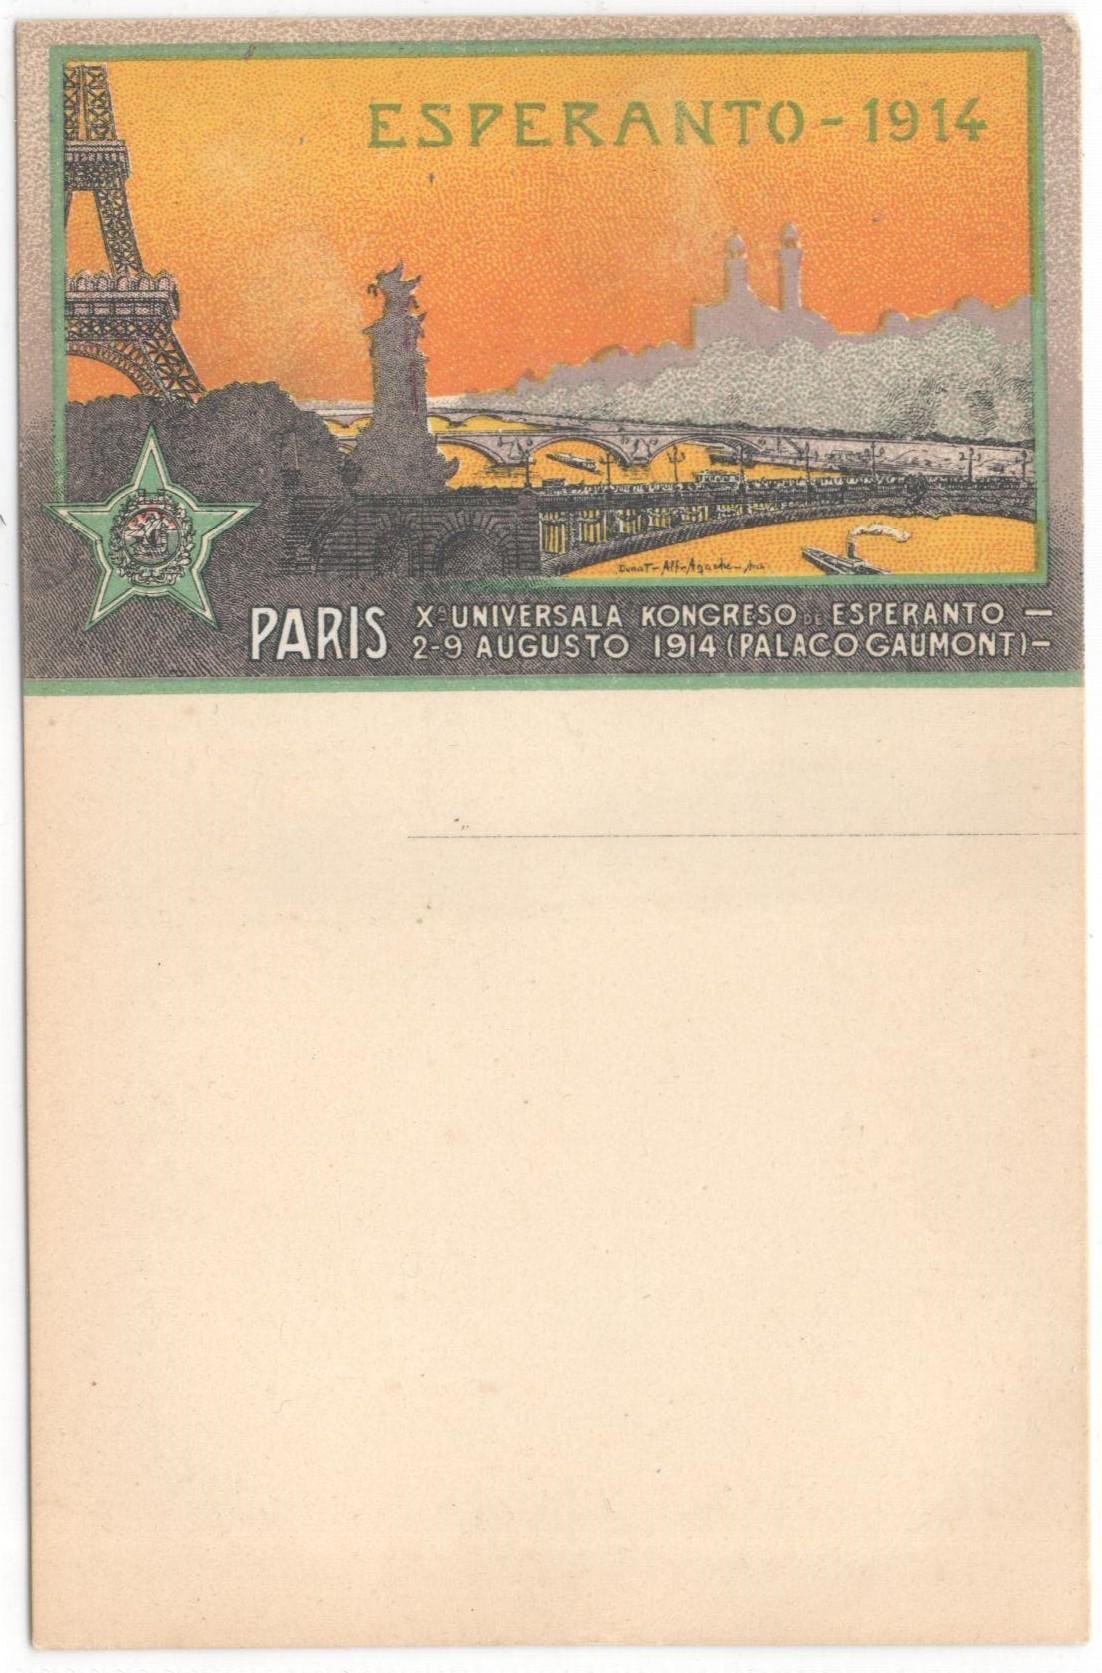 Lot 68 - ESPERANTO 1914 PARIS - X UNIVERSALA KONGRESO ESPERANTO POSTCARD